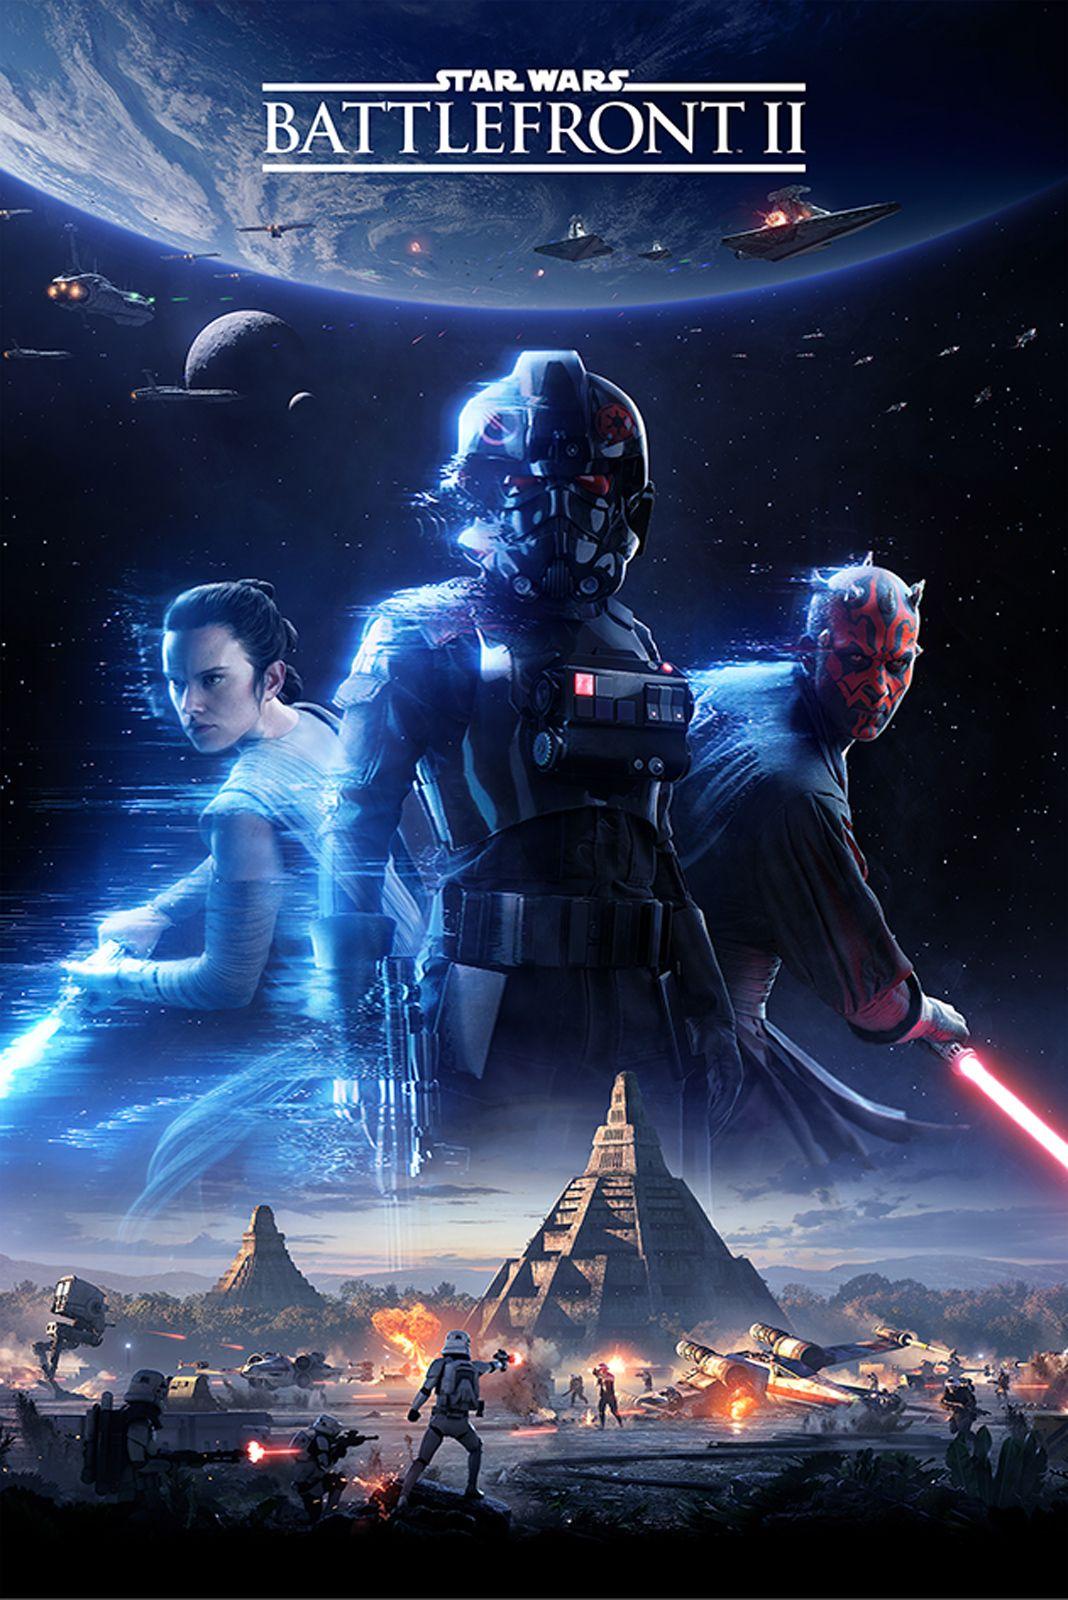 star wars battlefront 2 game cover poster 61x91 5 cm. Black Bedroom Furniture Sets. Home Design Ideas